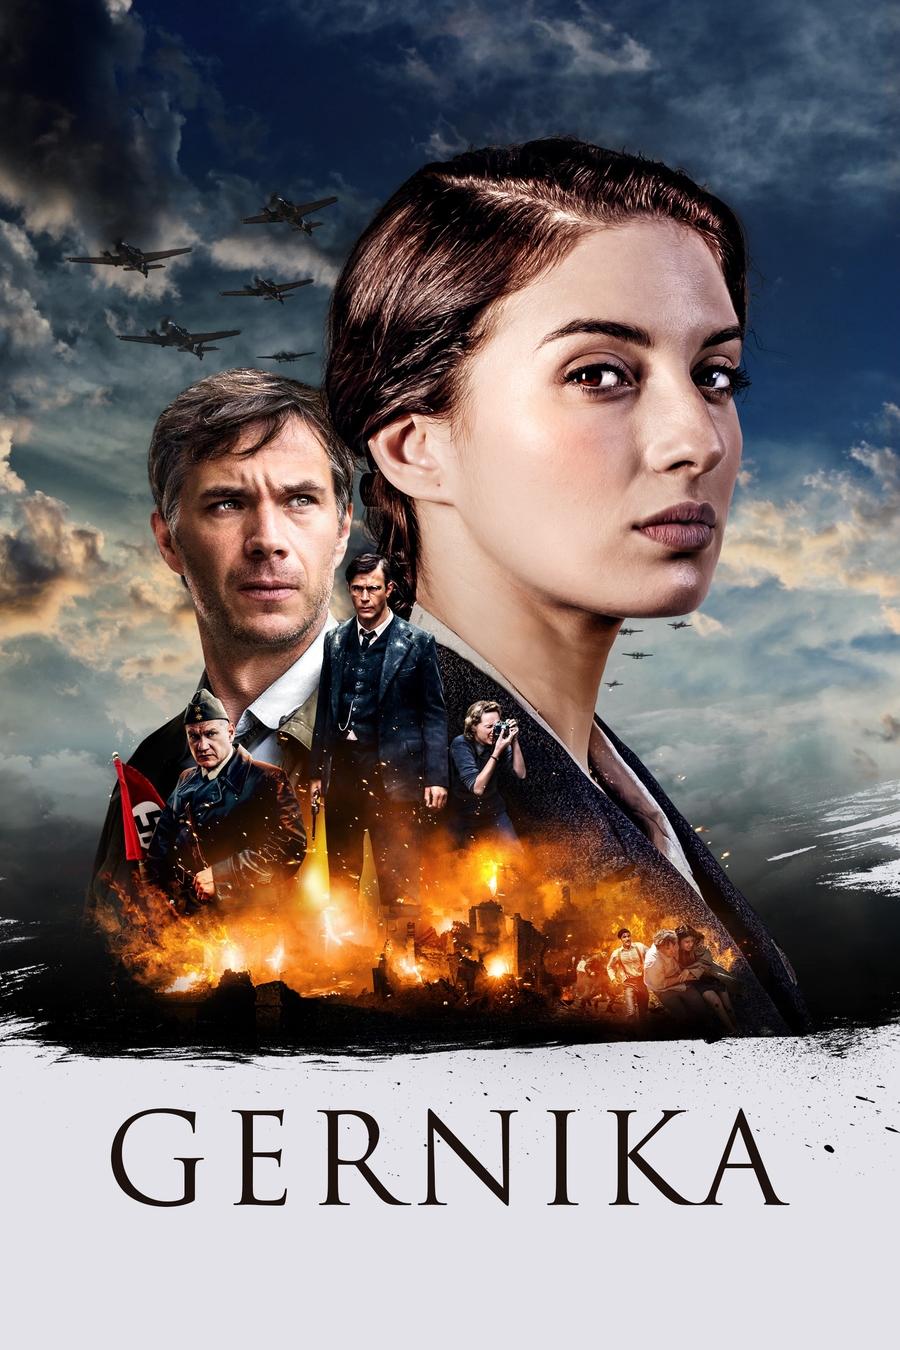 Gernika